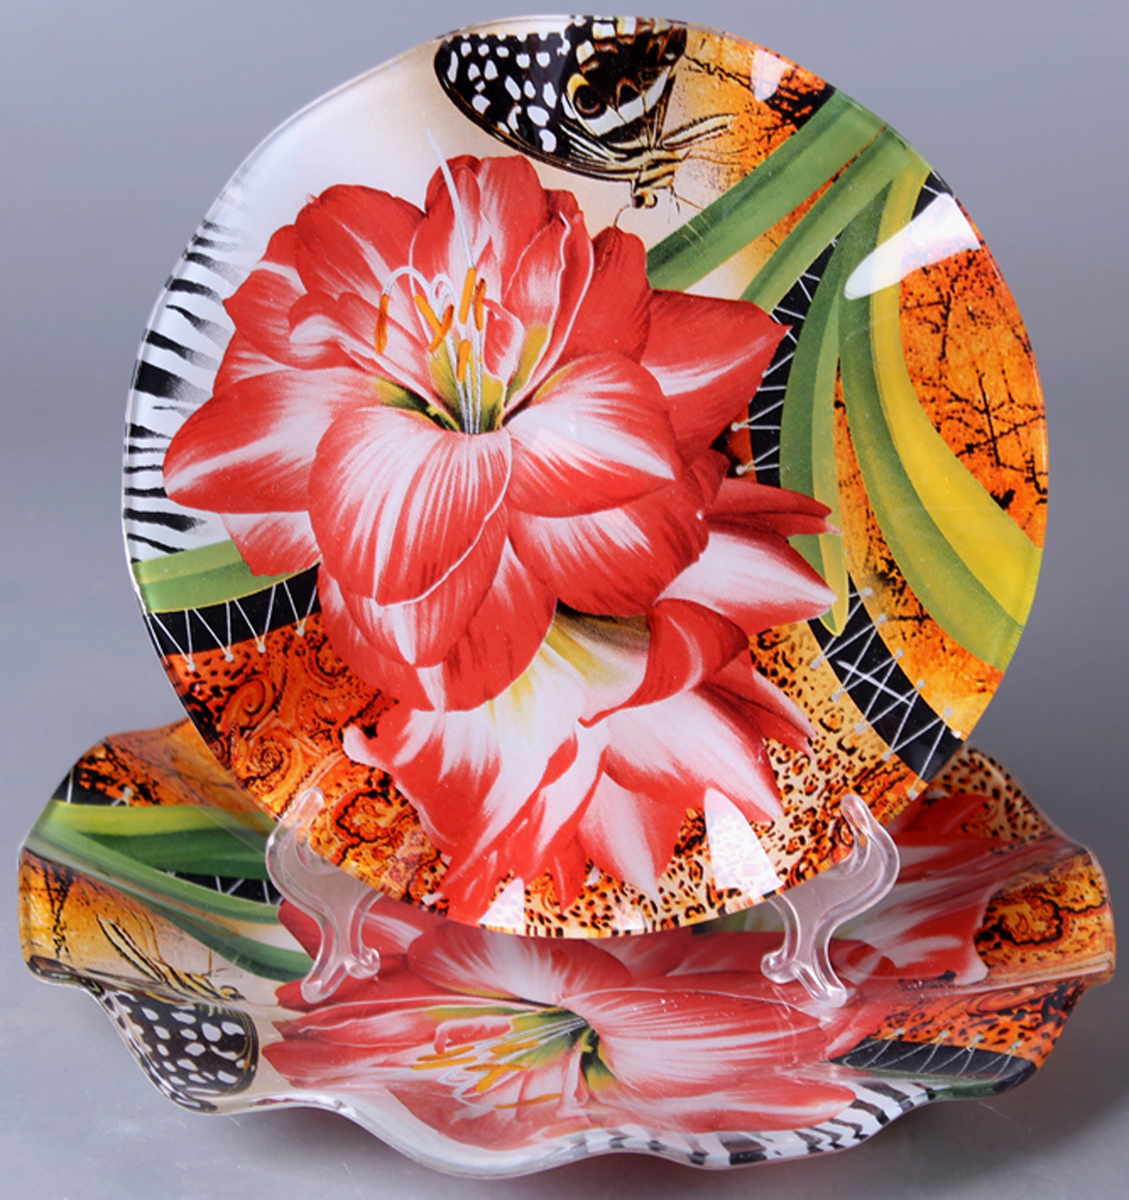 Набор блюд Olaff Цветы, 2 предмета. ZY-MD-TEYB-794ZY-MD-TEYB-794Набор Olaff Цветы состоит из двух круглых блюд разного диаметра. Блюдо, изготовленное из высококачественного стекла, оформлено рельефным краем и красочным изображением цветов.Такое блюдо сочетает в себе изысканный дизайн с максимальной функциональностью. Оригинальность оформления придется по вкусу тем, кто предпочитает утонченность и изящность. Красивое блюдо украсит сервировку вашего стола и подчеркнет прекрасный вкус хозяйки, а также станет отличным подарком.Набор: 2 круглых блюда. Диаметр:21 см, 26 см.